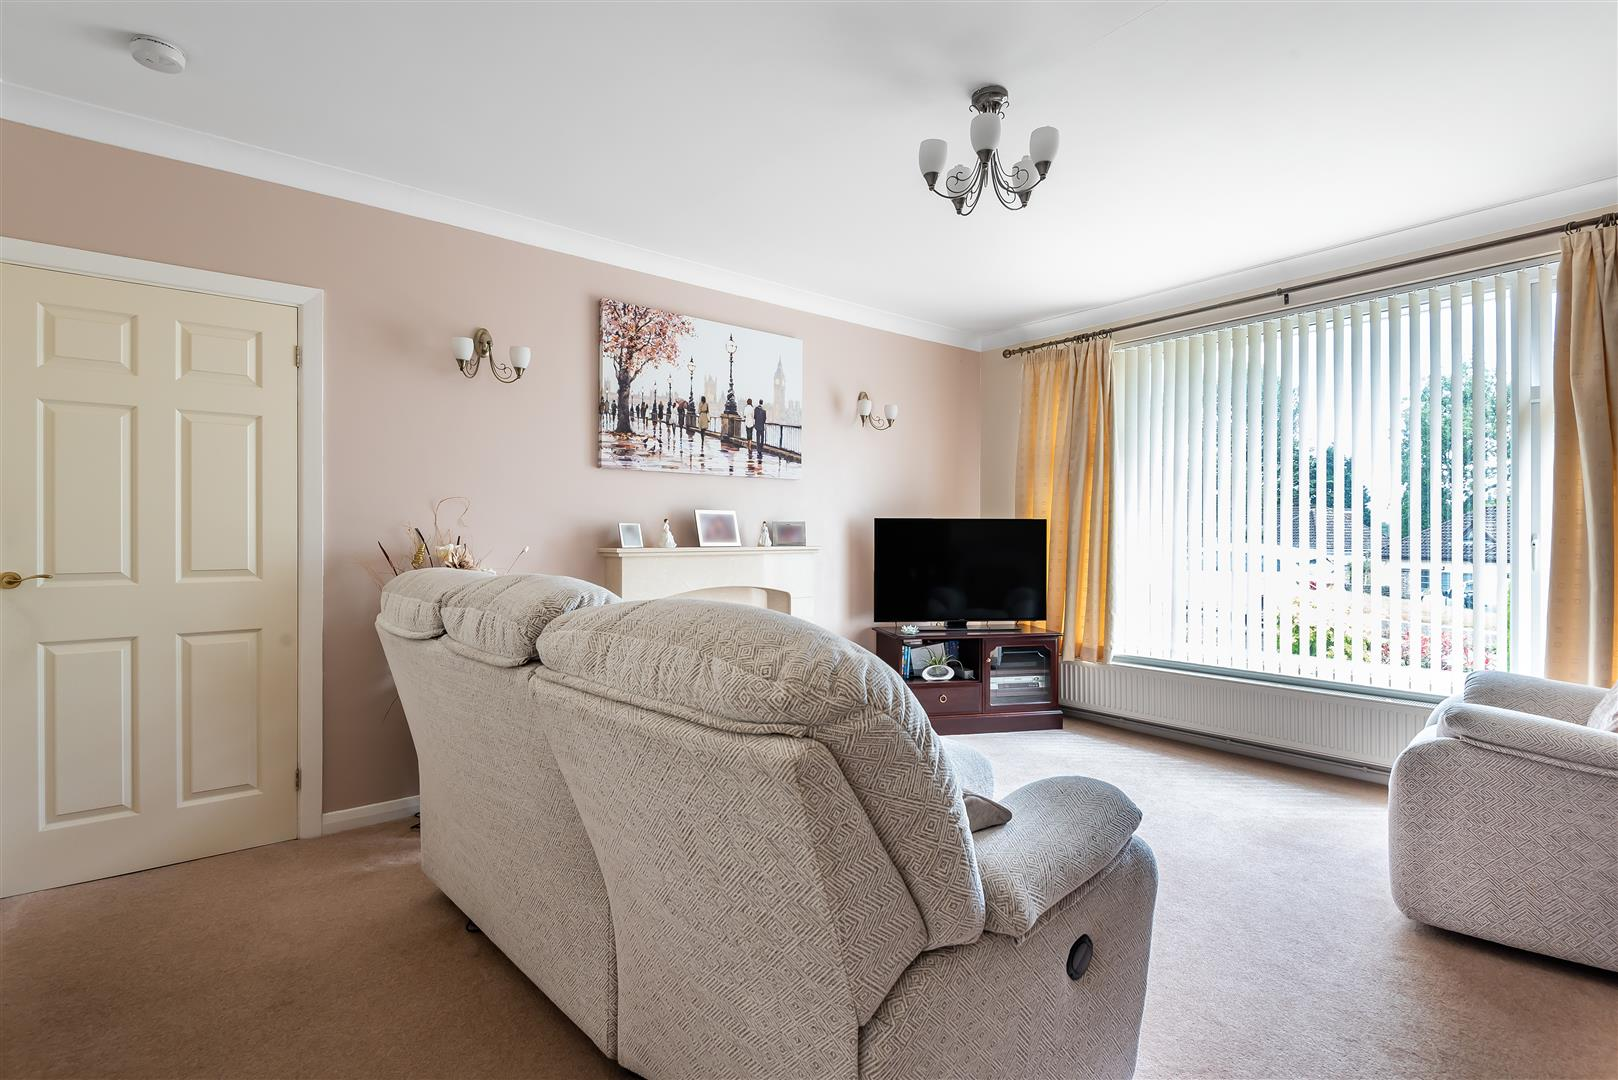 Glynderwen Close, Sketty, Swansea, SA2 8EQ